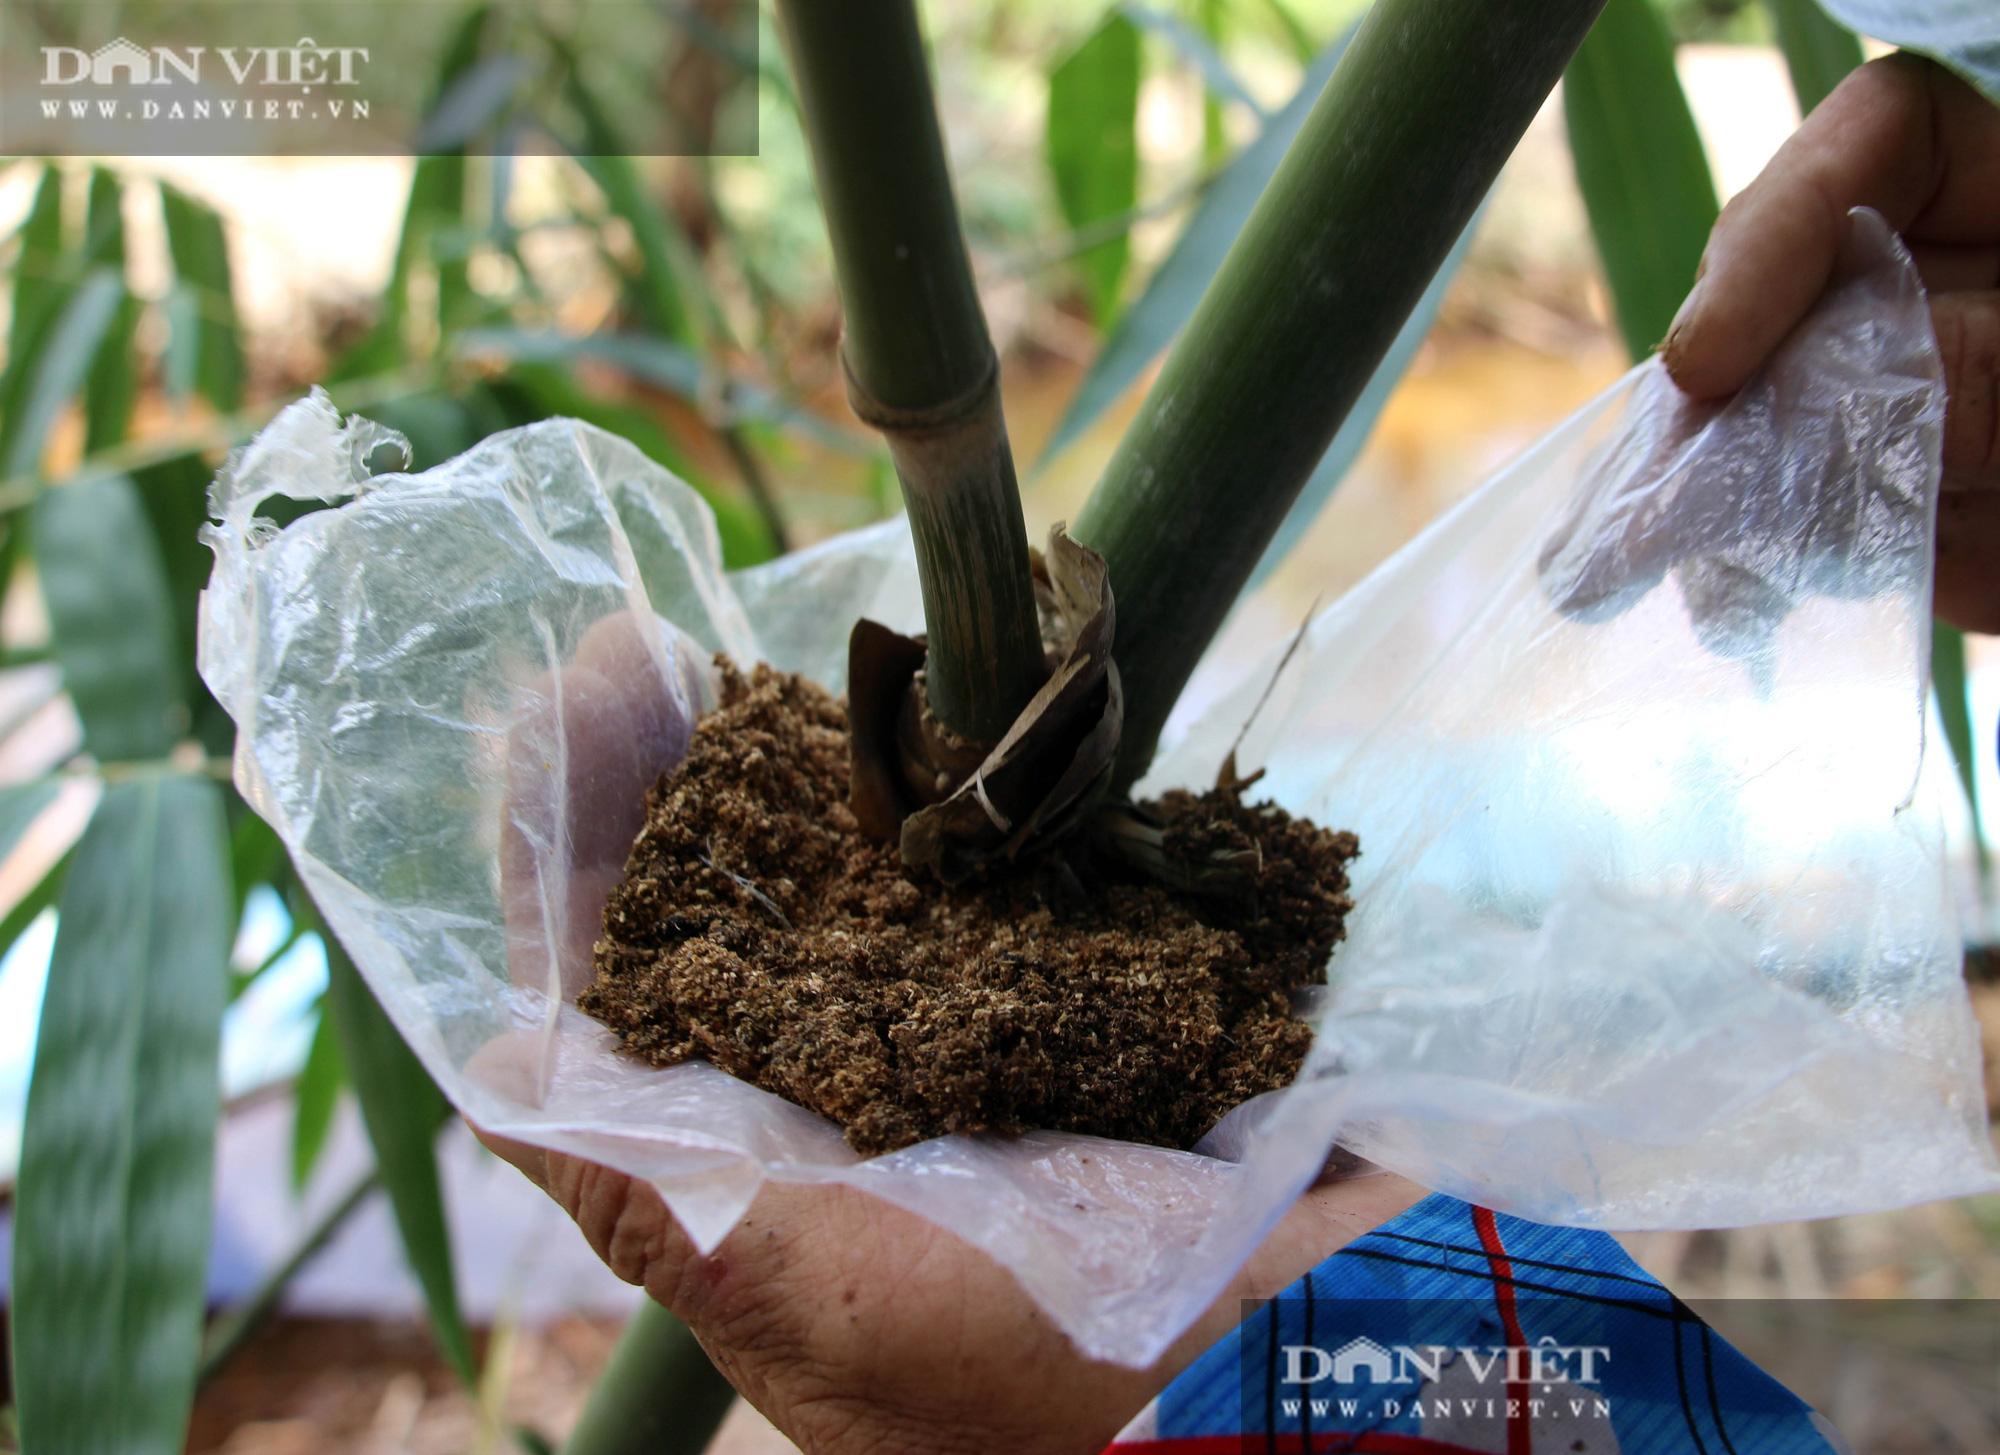 Thu lãi trăm triệu đồng/năm nhờ trồng loài cây bán không bỏ thứ gì - Ảnh 4.